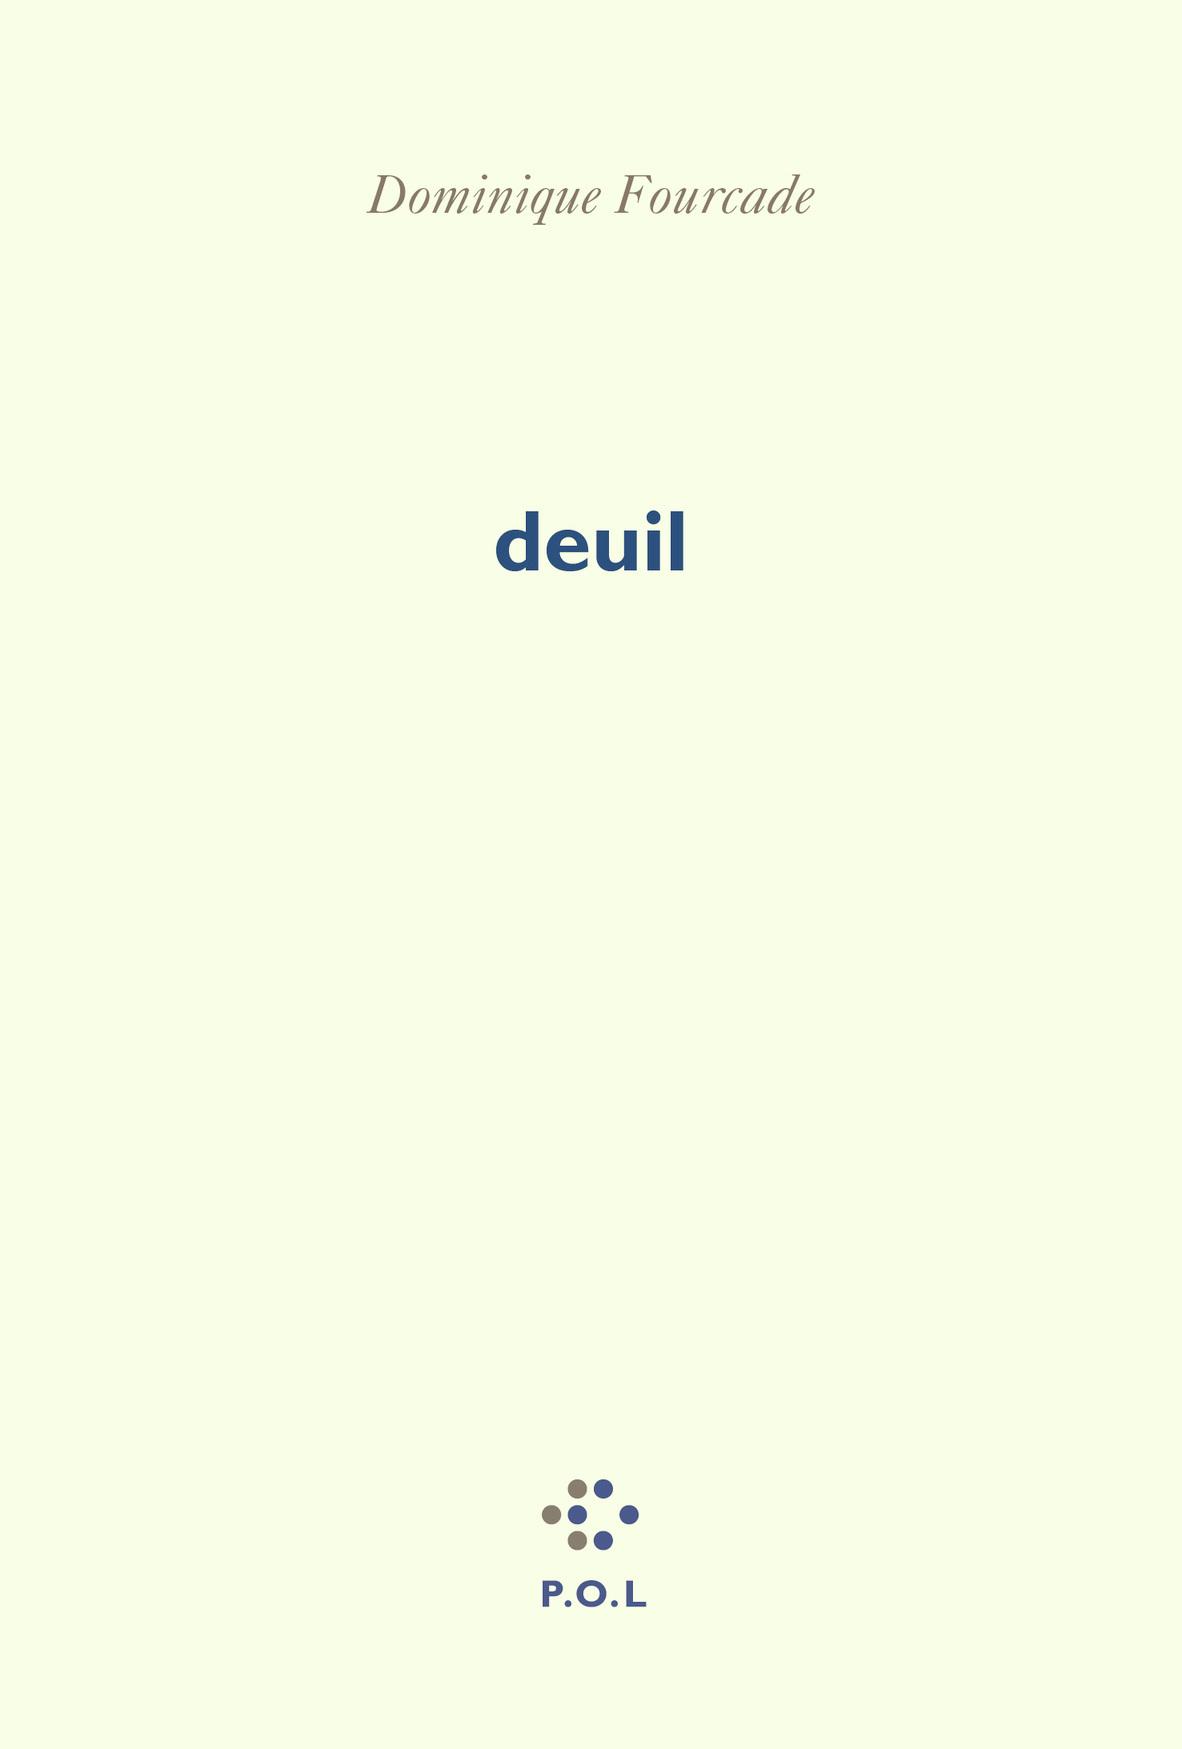 DEUIL